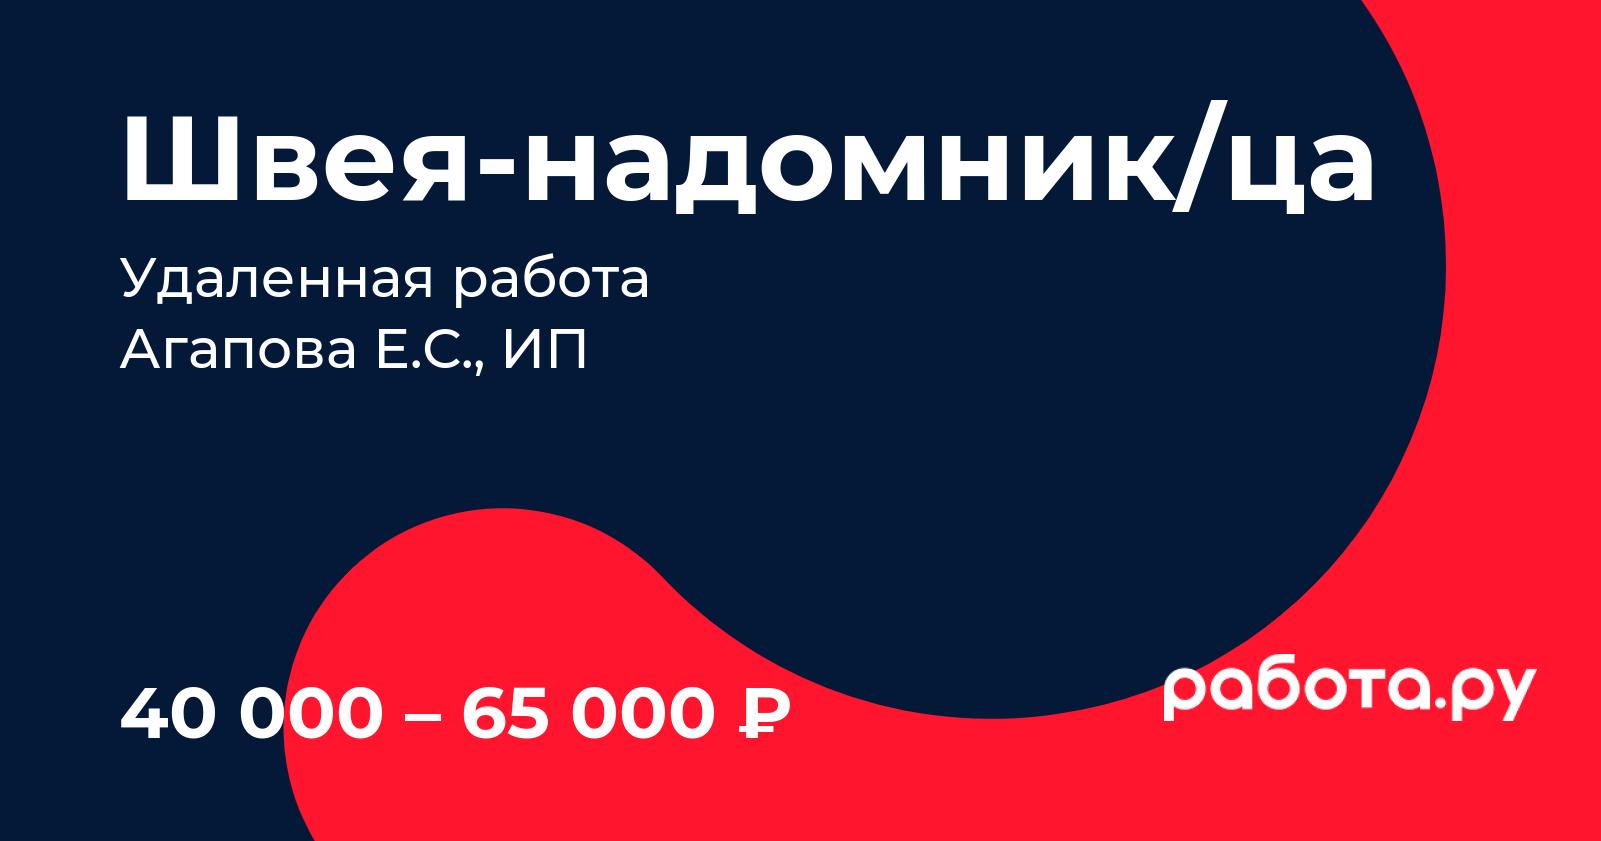 Работа удаленно красноярск от прямых работодателей какой лучше сайт для фриланса